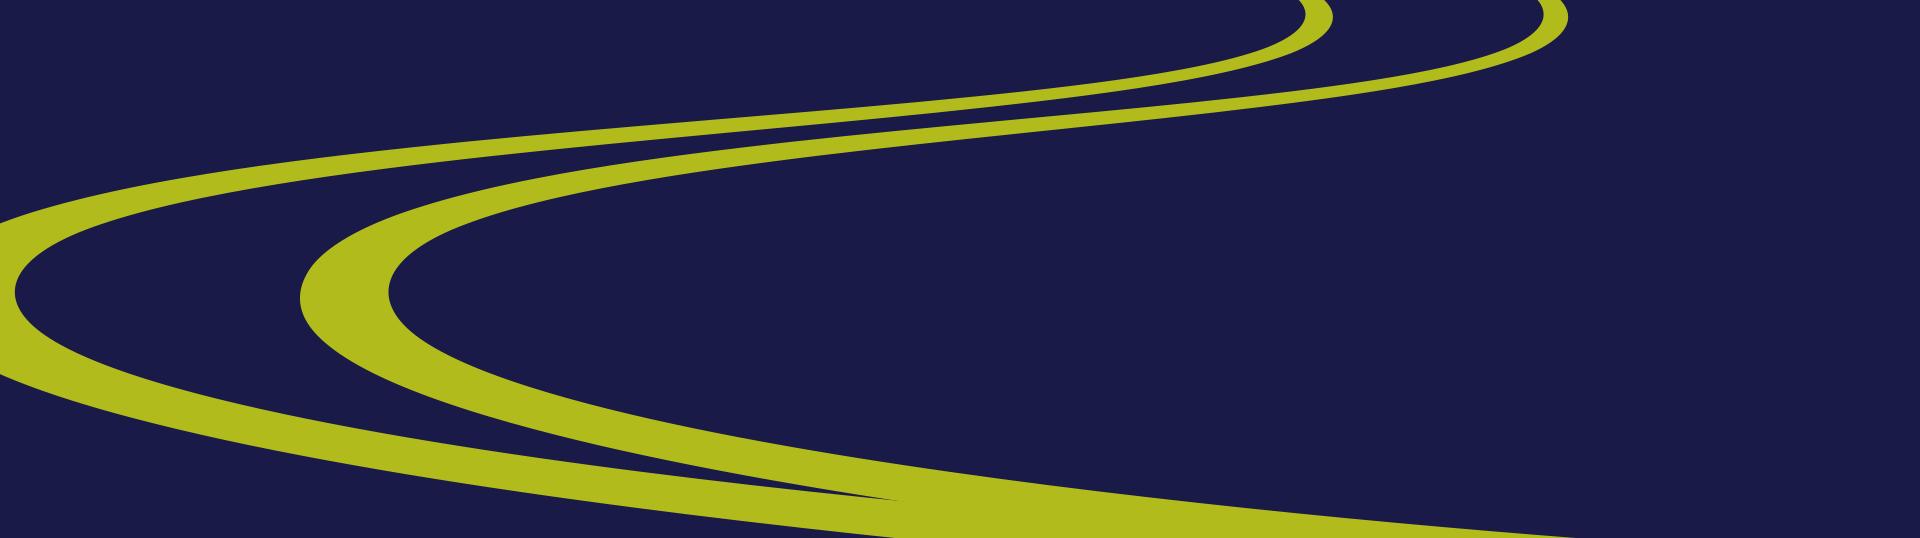 bf_bg_greenlines4